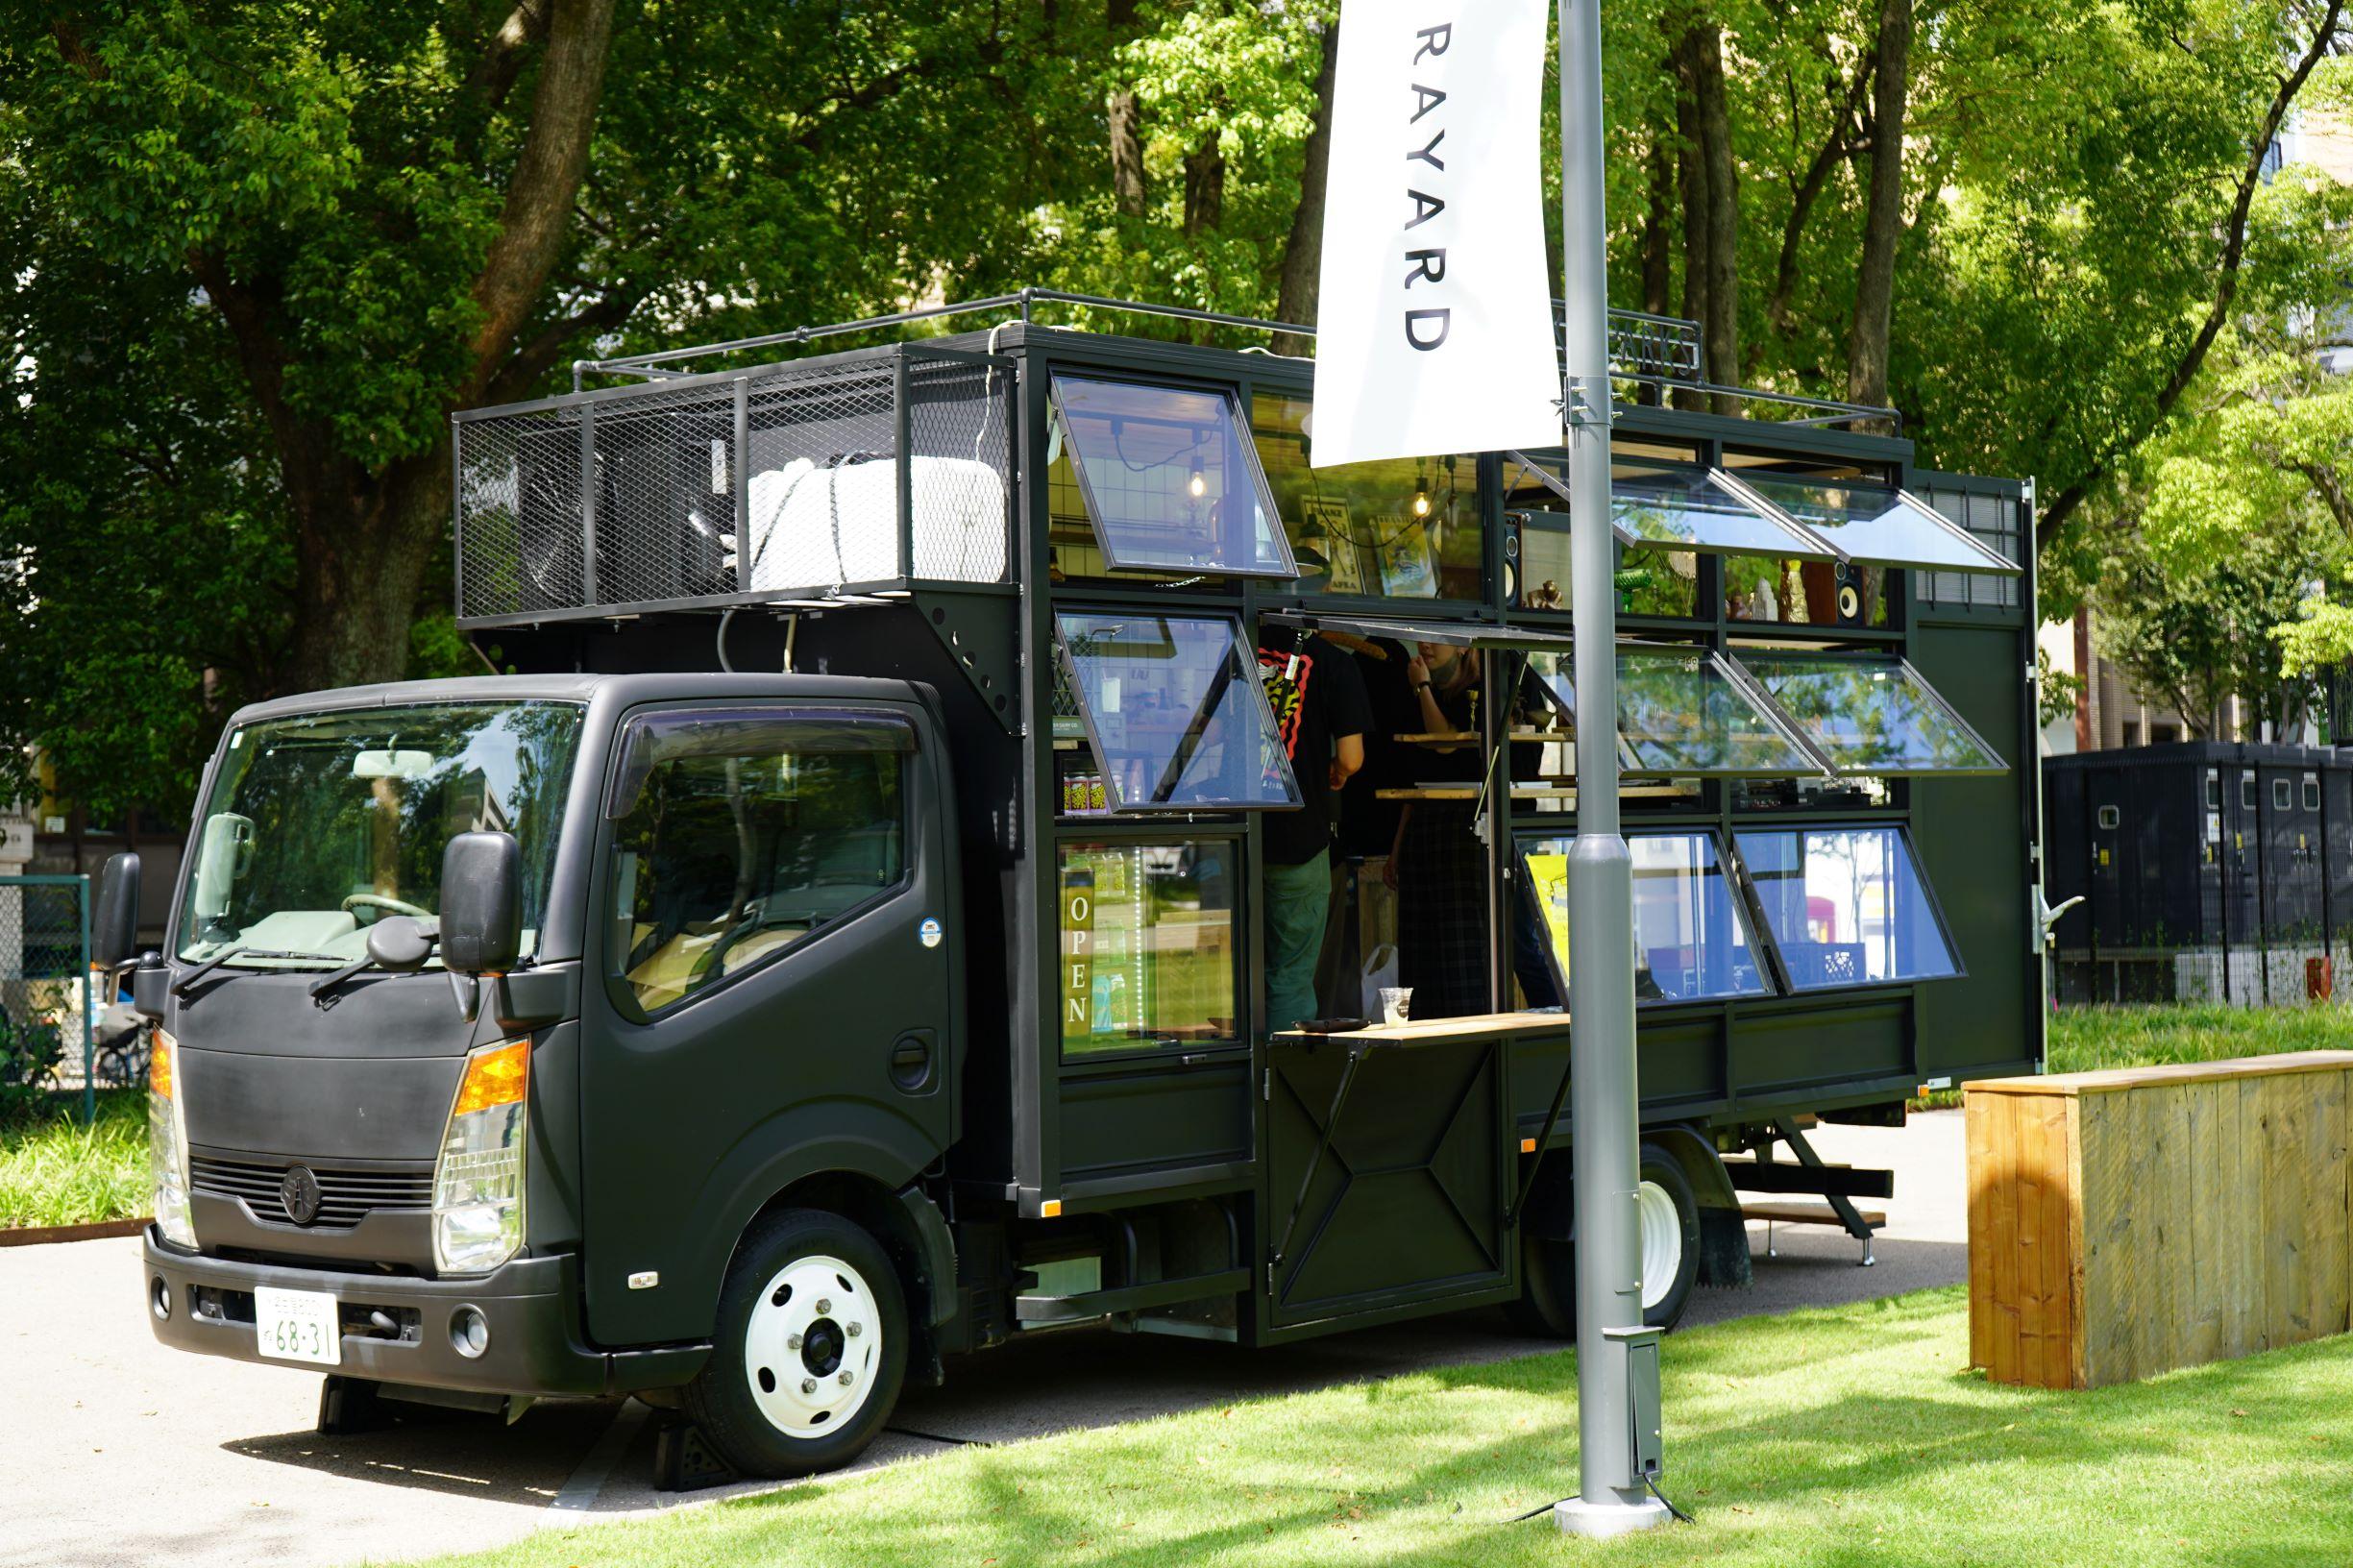 テントにハンモックも!久屋大通パークの芝生広場で、思い思いの過ごし方を - DSC03260